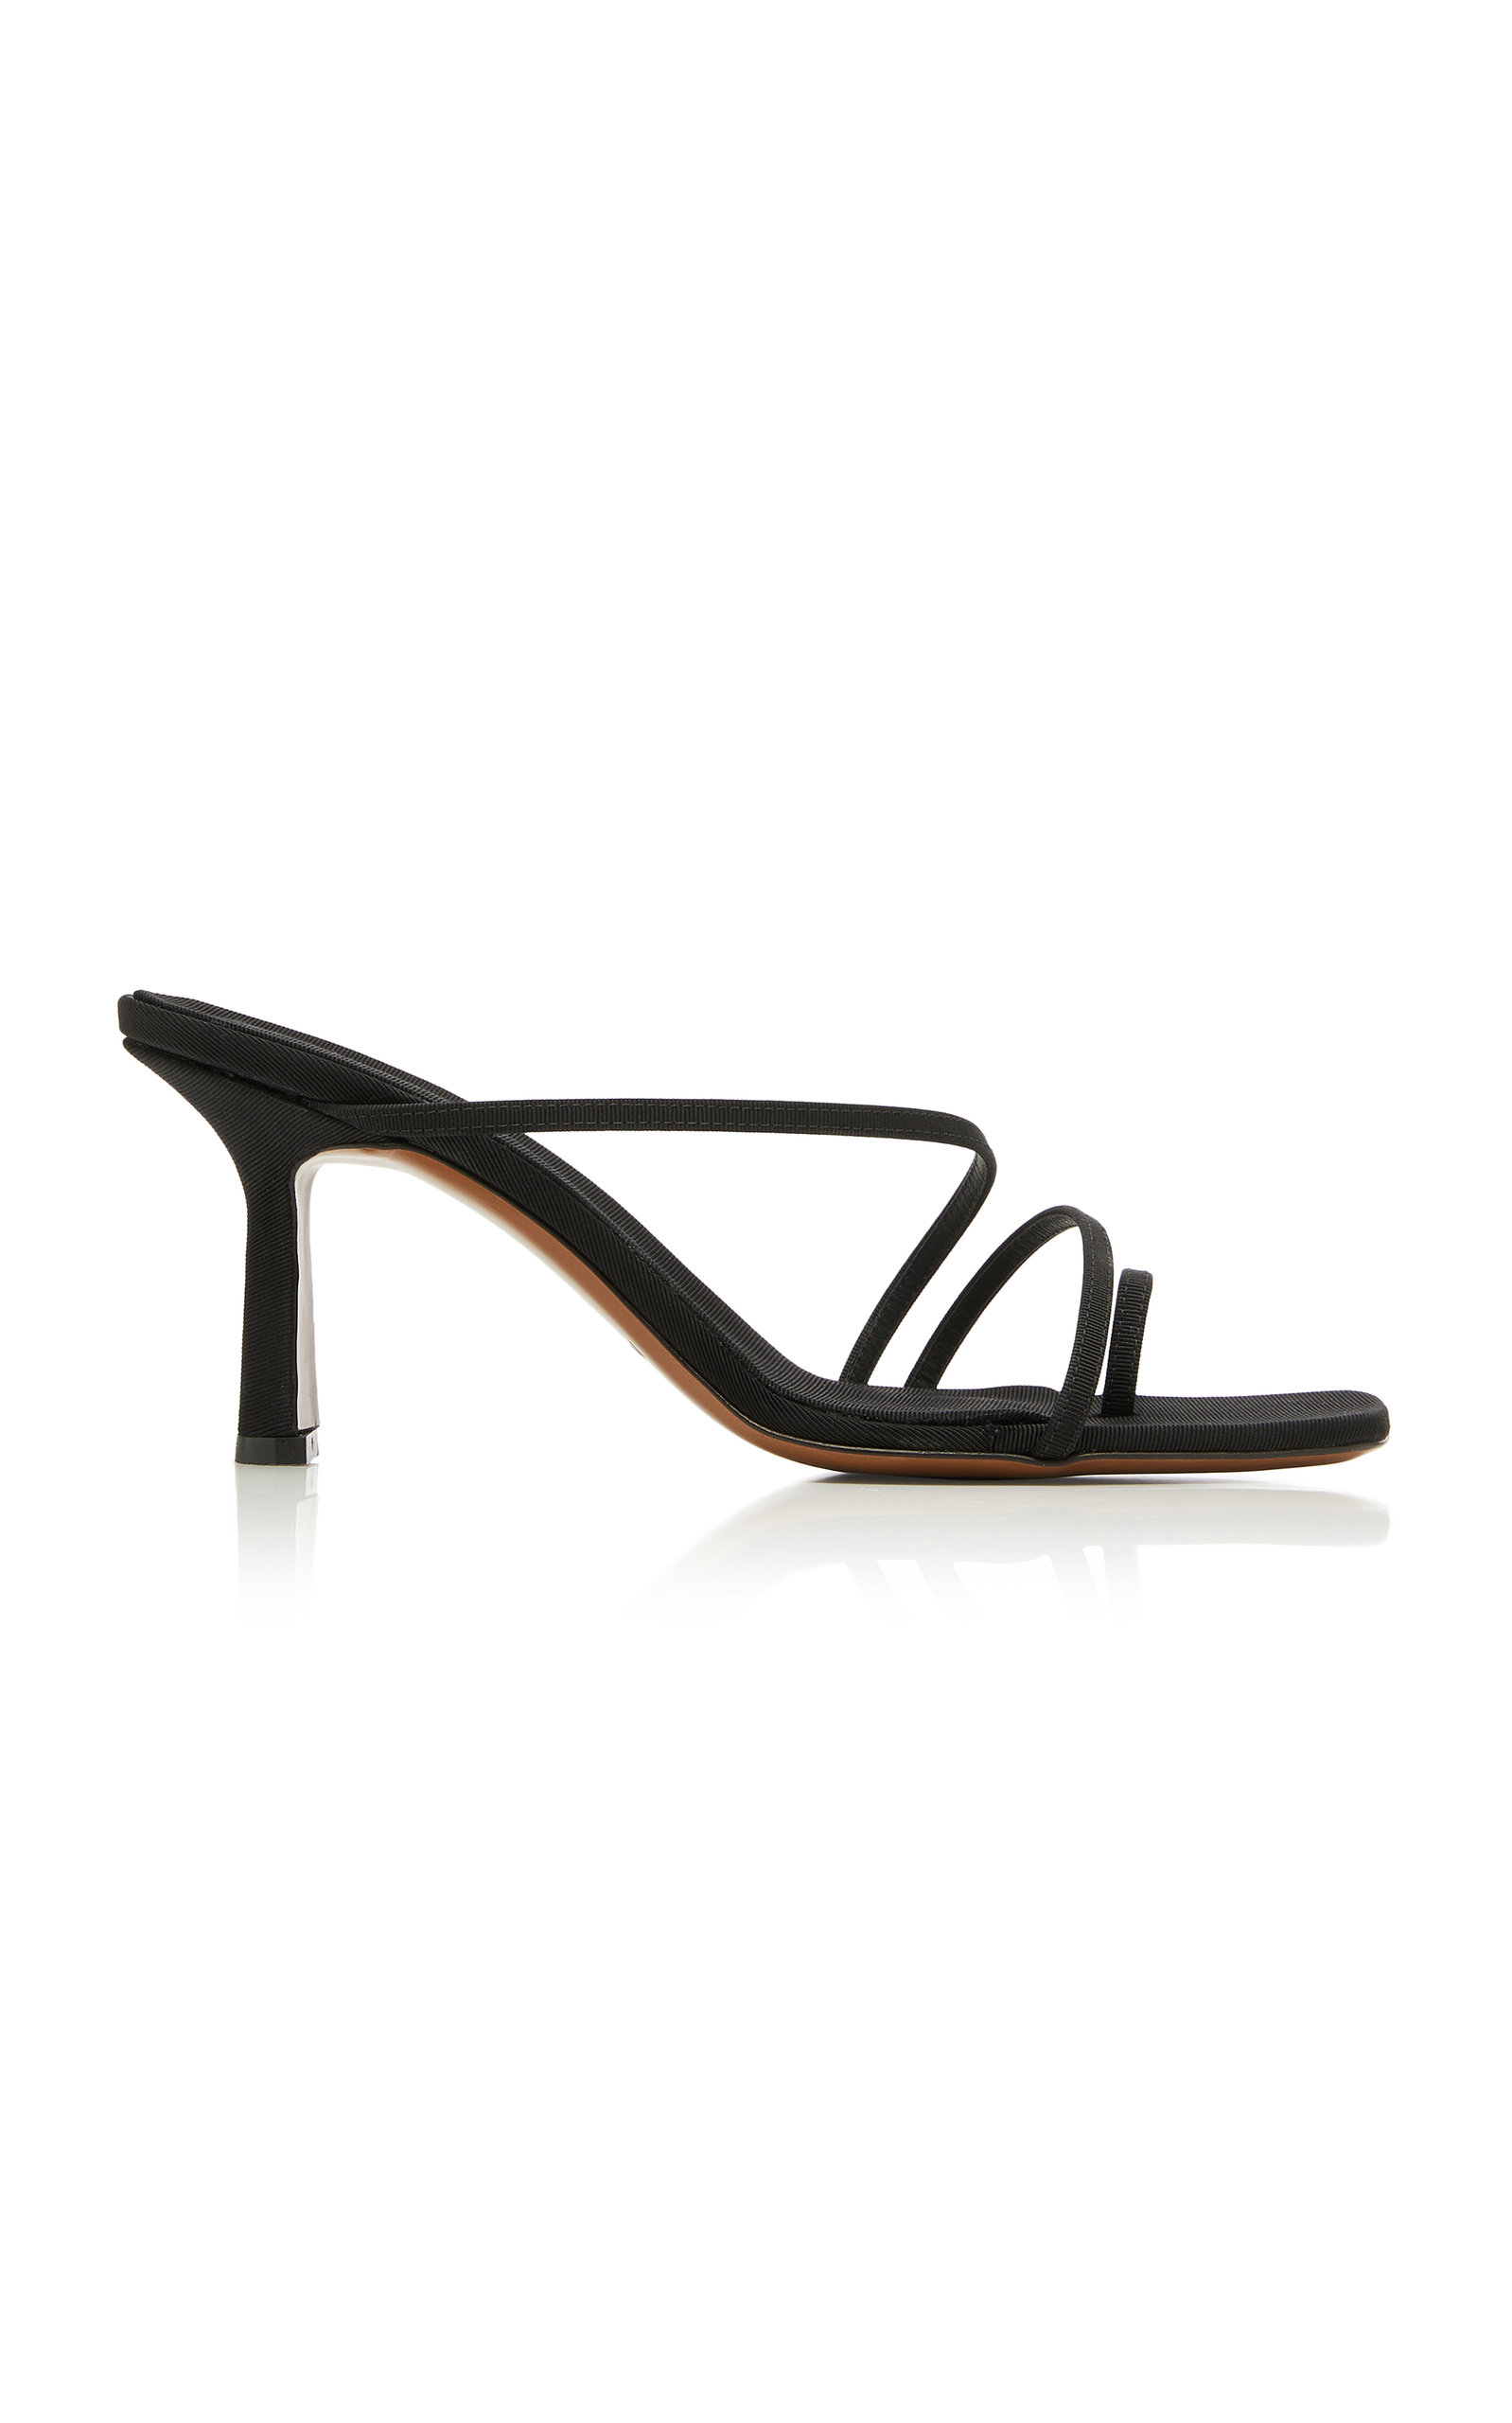 Neous Sandals Venus Leather Sandals